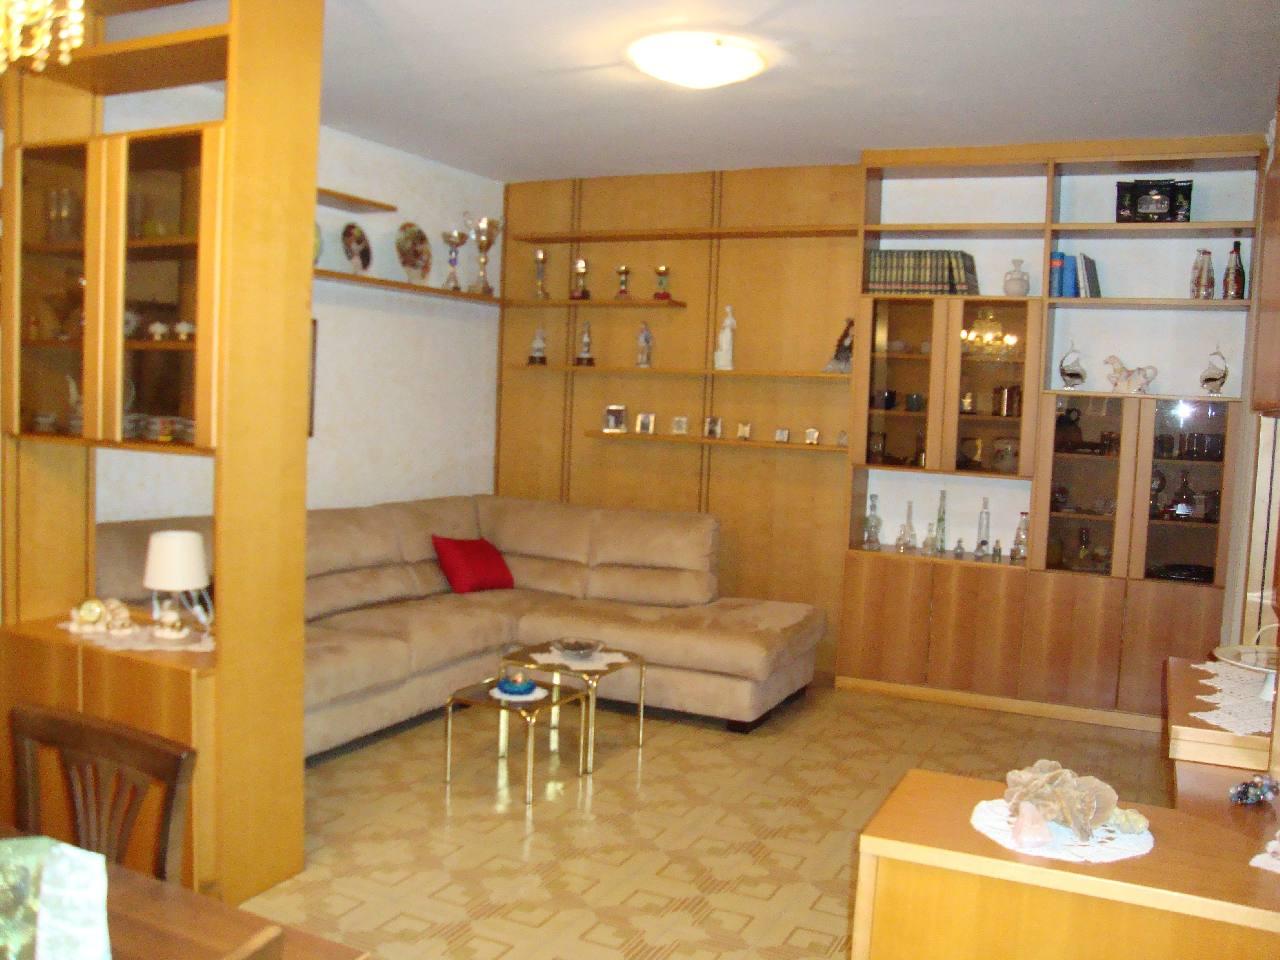 Foto 1 di Villetta a schiera Carpi Carpi Sud, Carpi